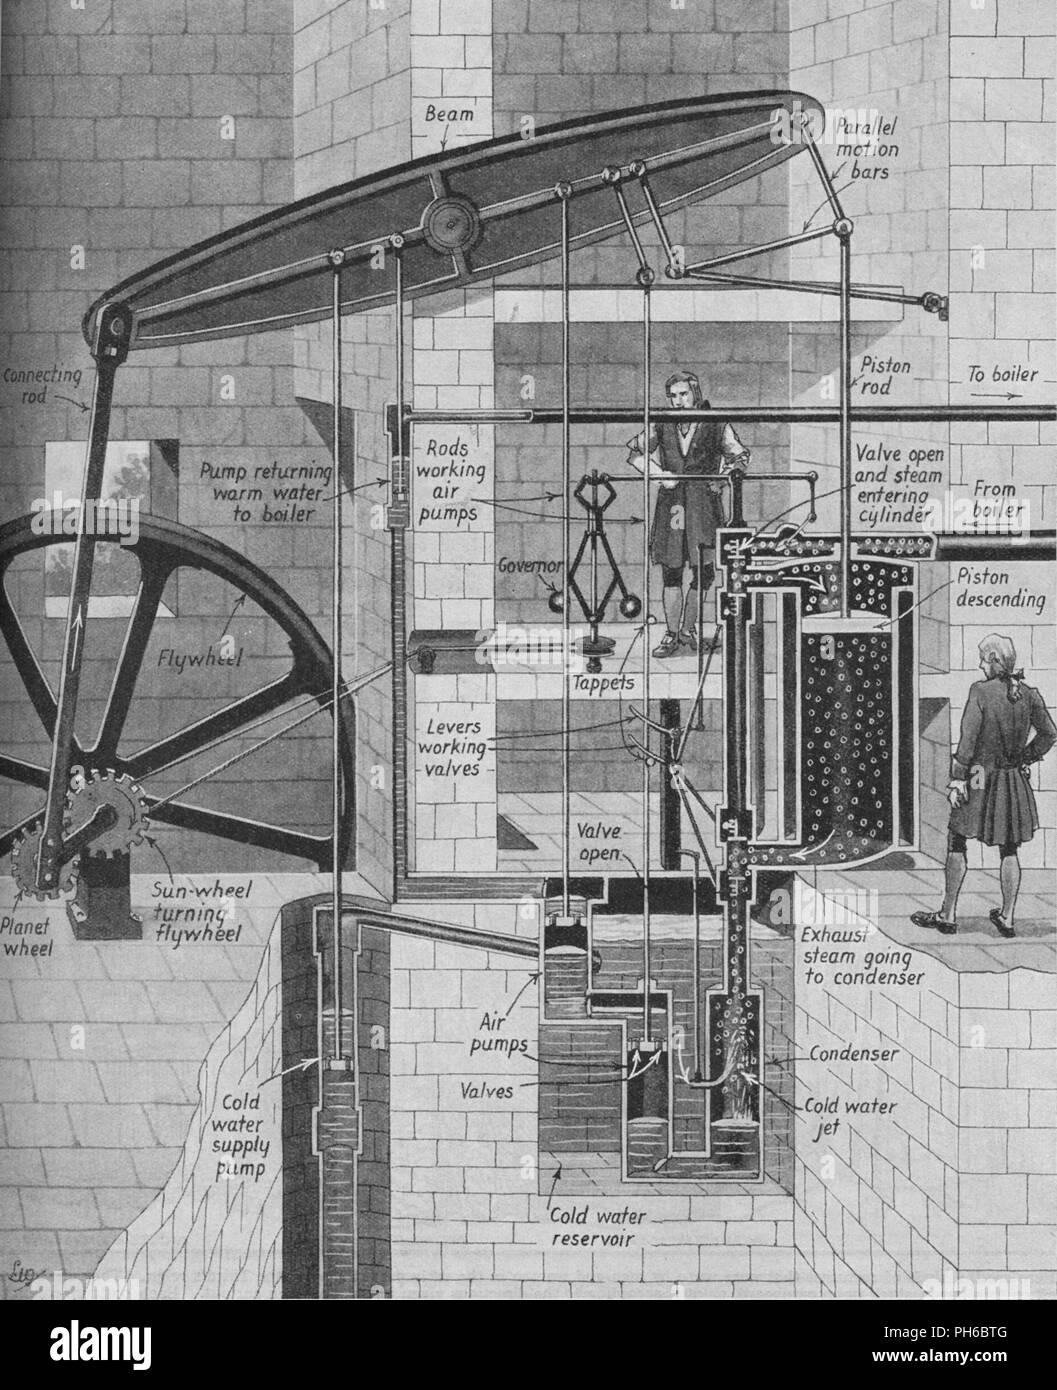 Steam Engine James Watt Stock Photos  U0026 Steam Engine James Watt Stock Images - Page 2